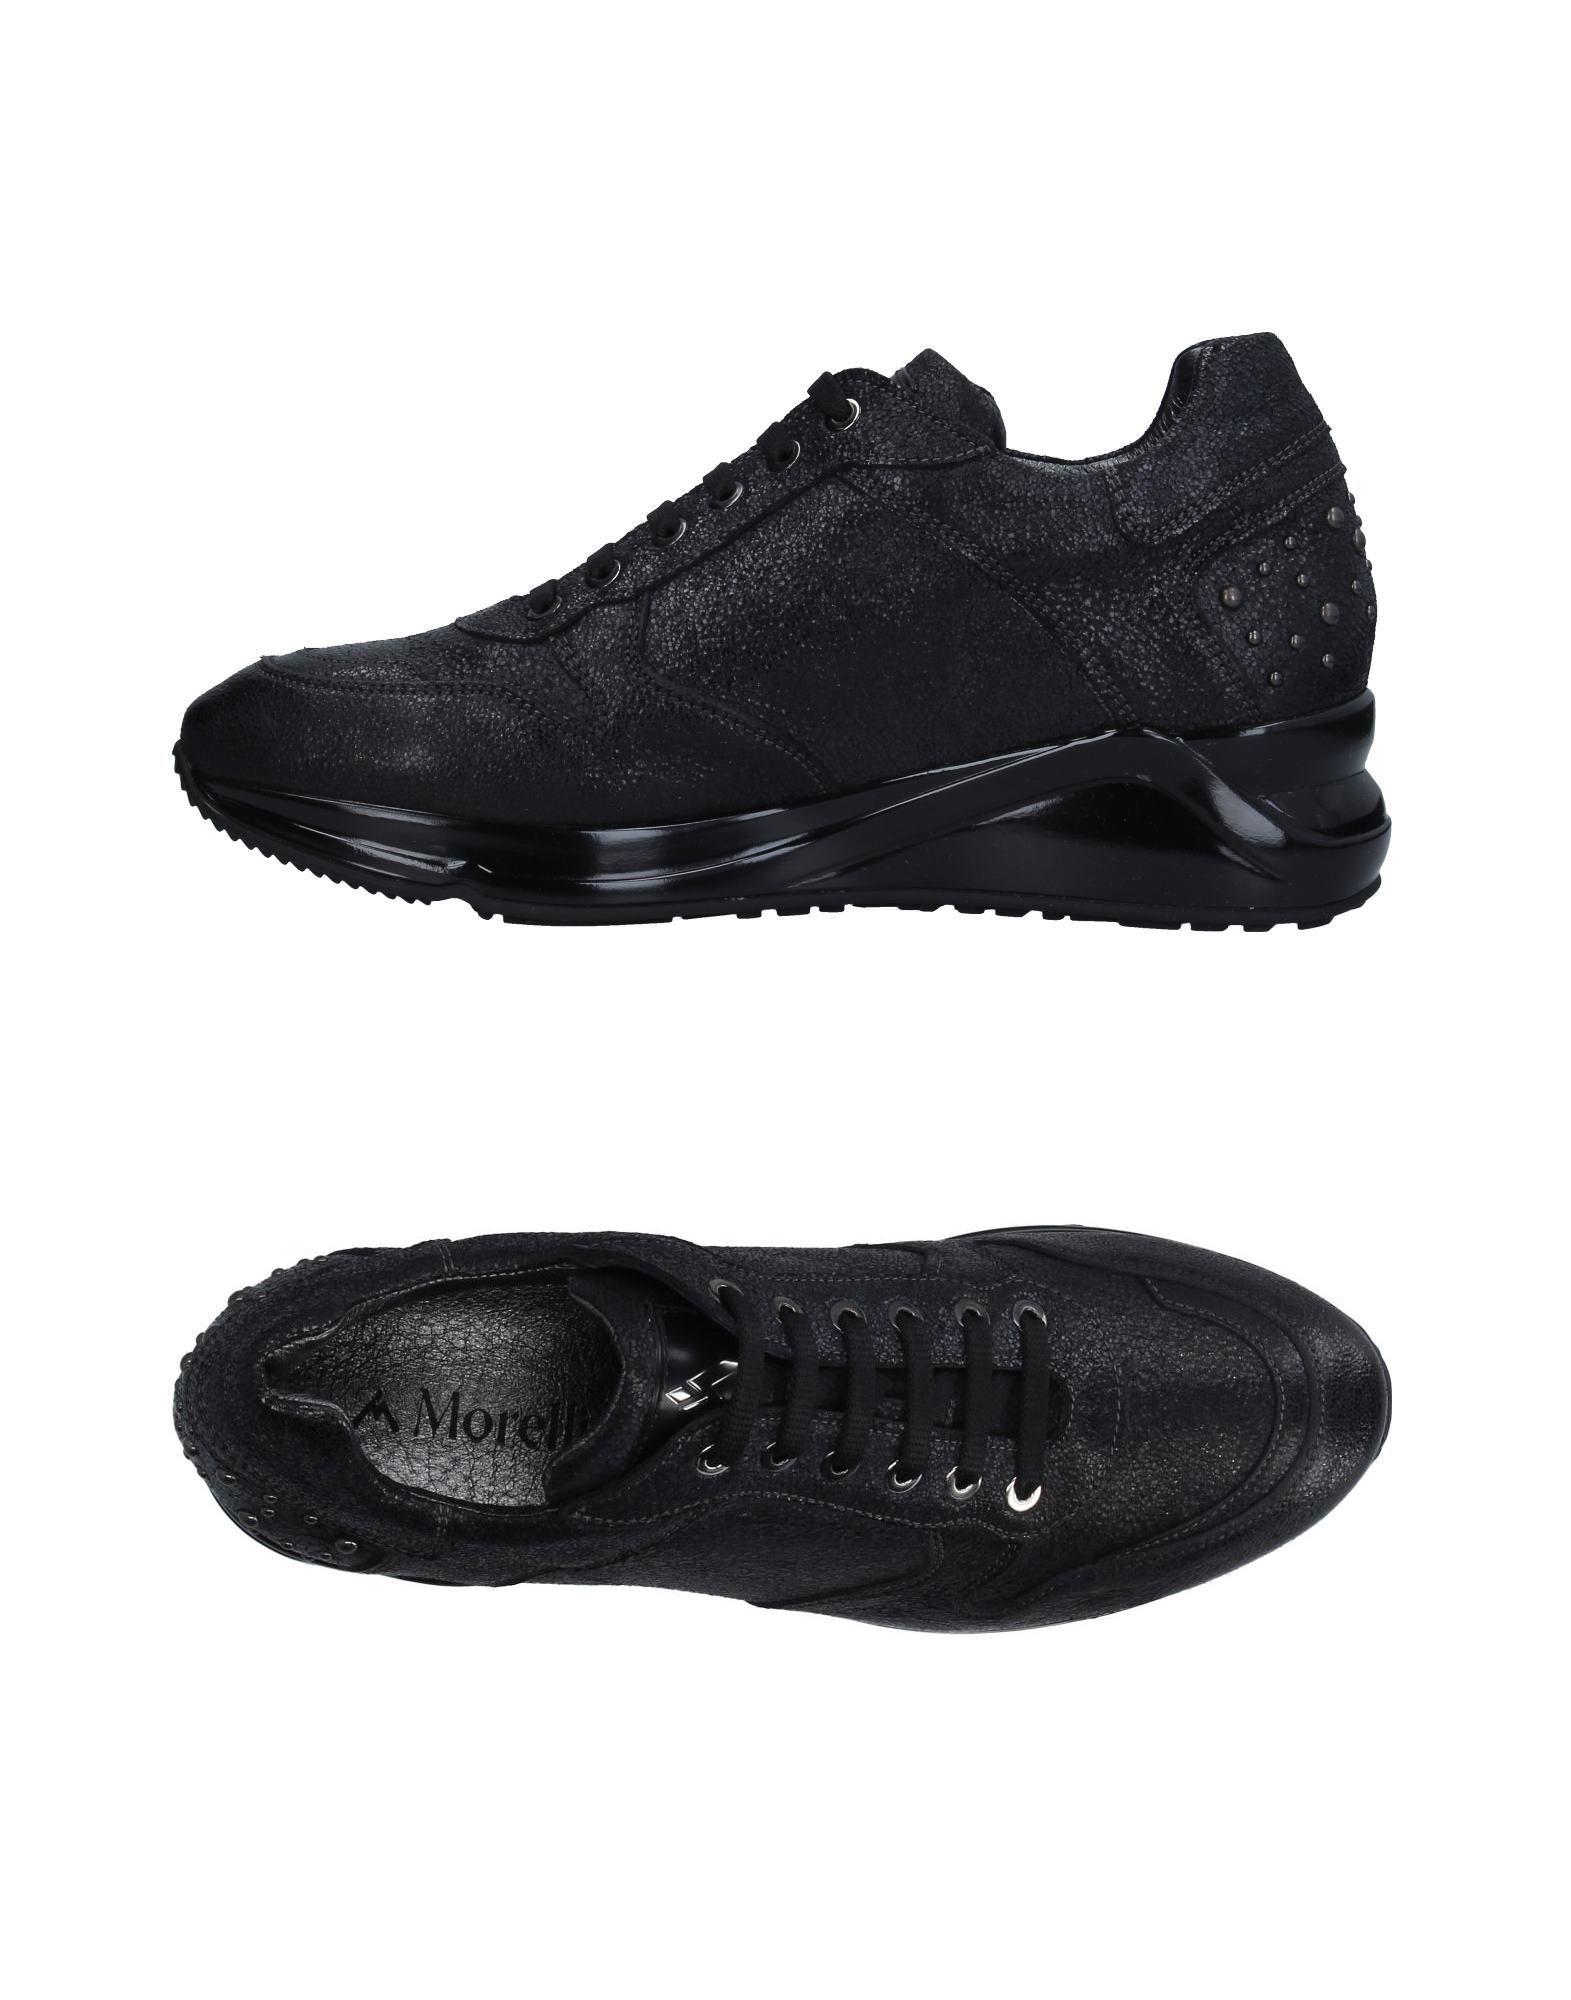 Sneakers Andrea Morelli Donna - 11297616PH